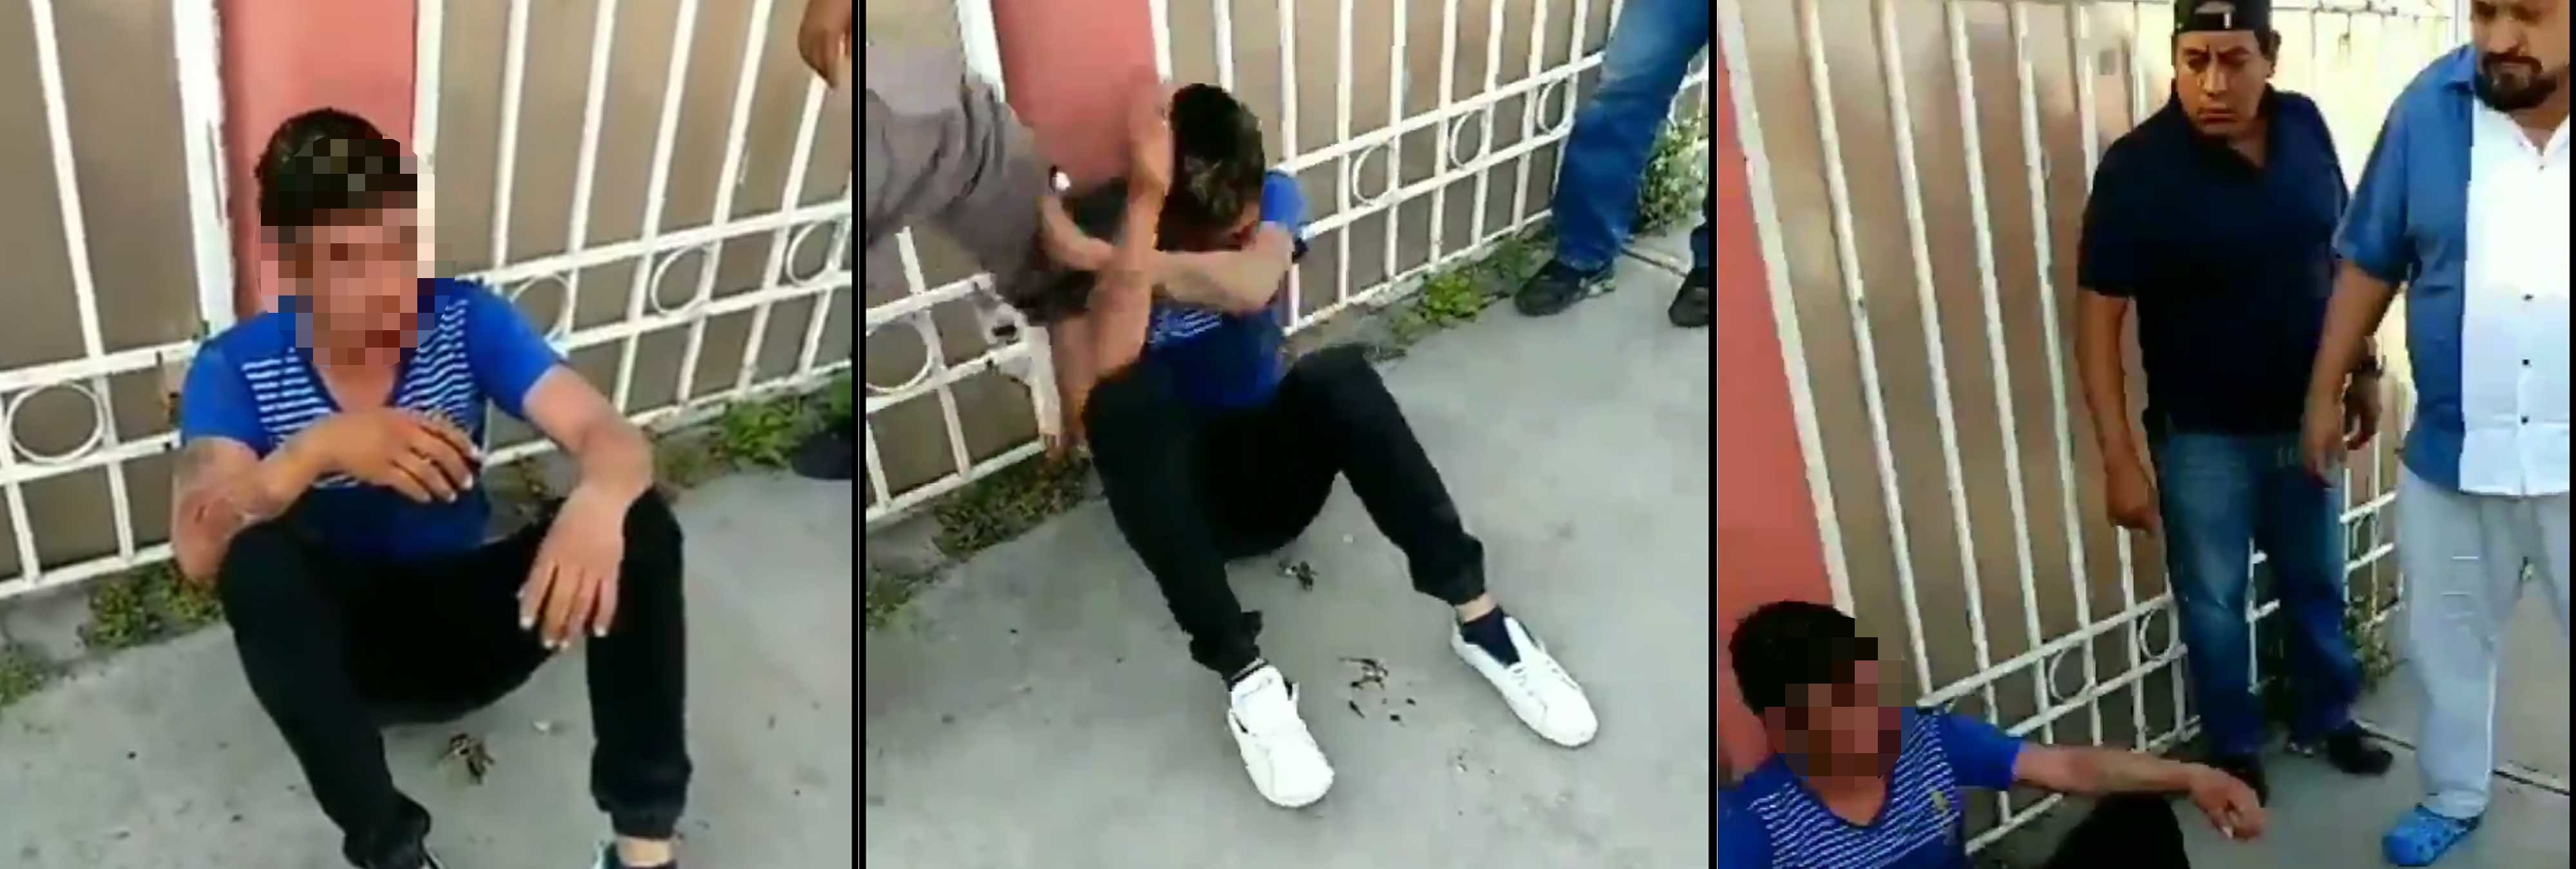 Vecinos se organizan en patrullas, toman la justicia por su mano y golpean a acosadores